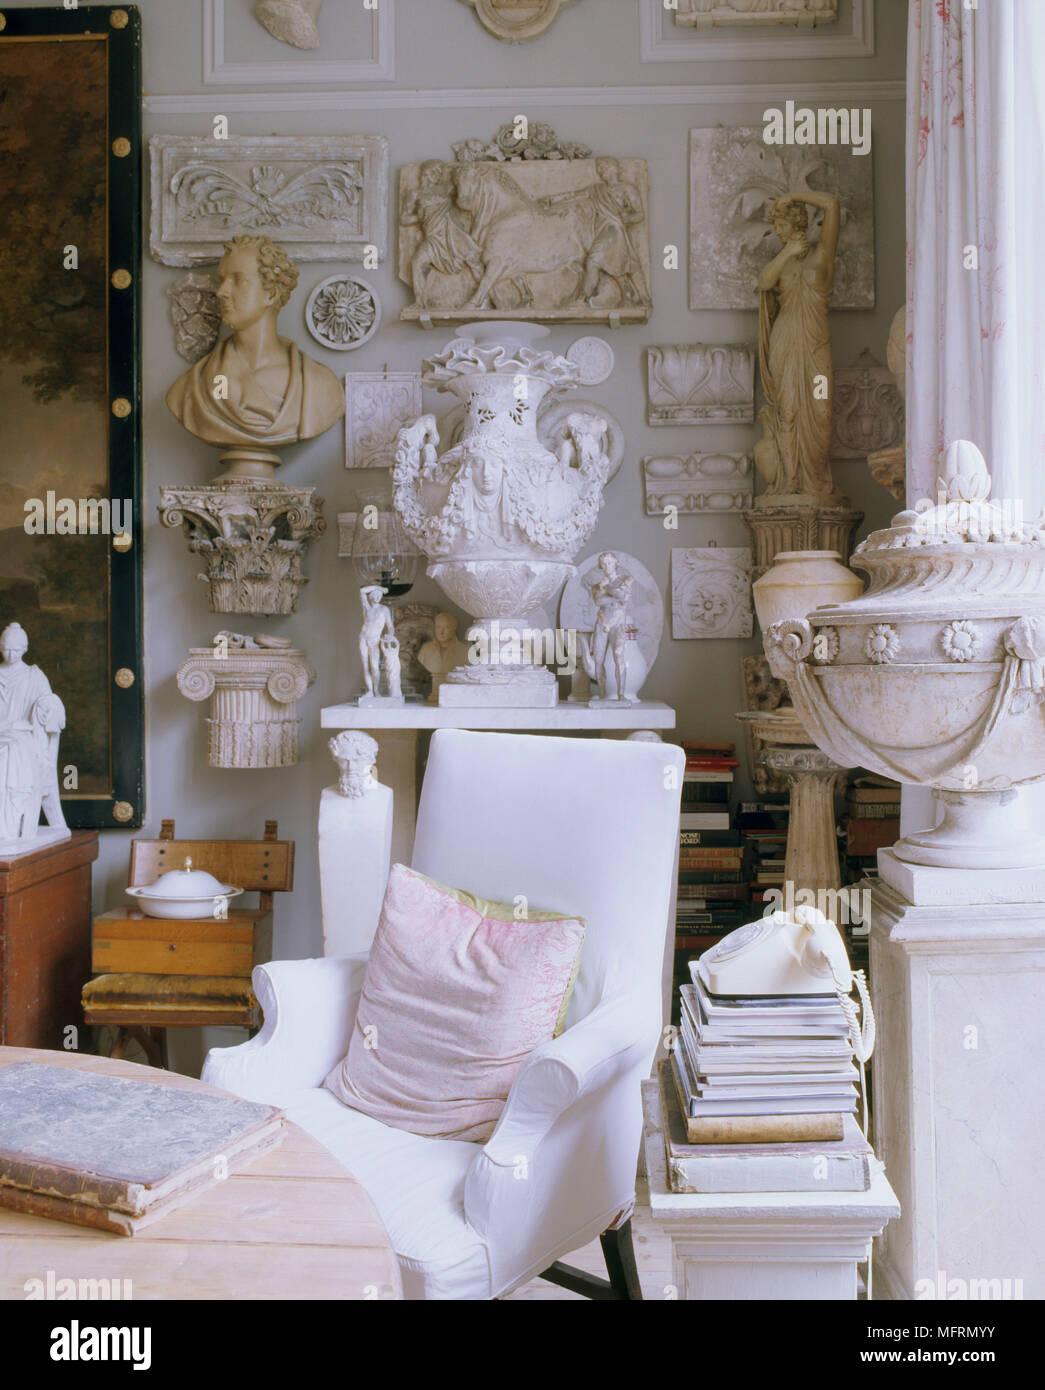 Un un detalle salón una un tradicional sillón tapizado de VUzpMS